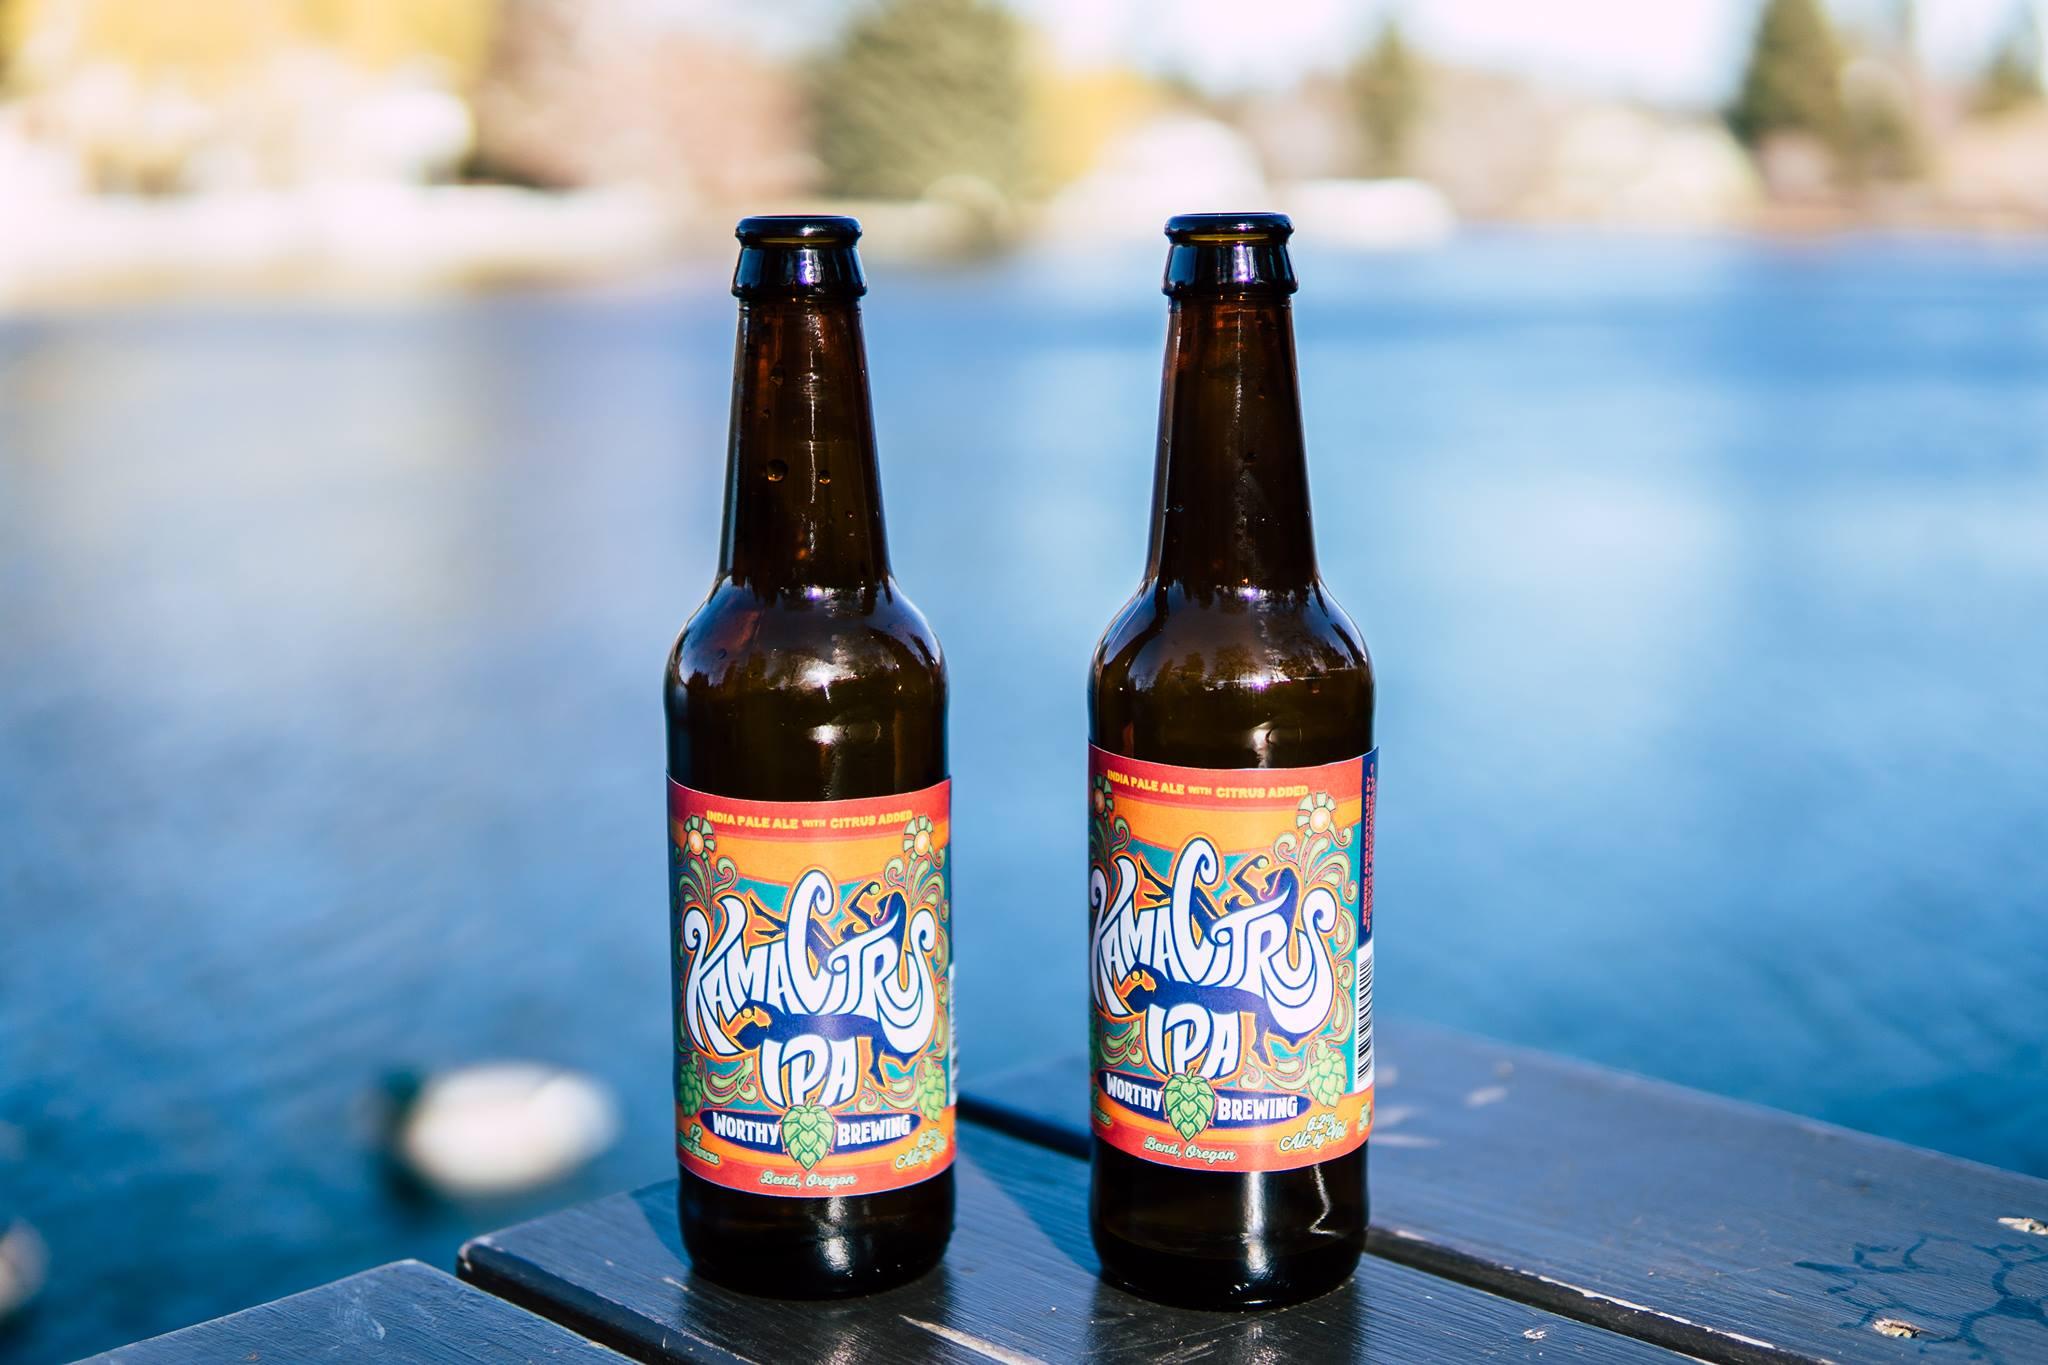 image of Kama Citrus IPA courtesy of Worthy Brewing